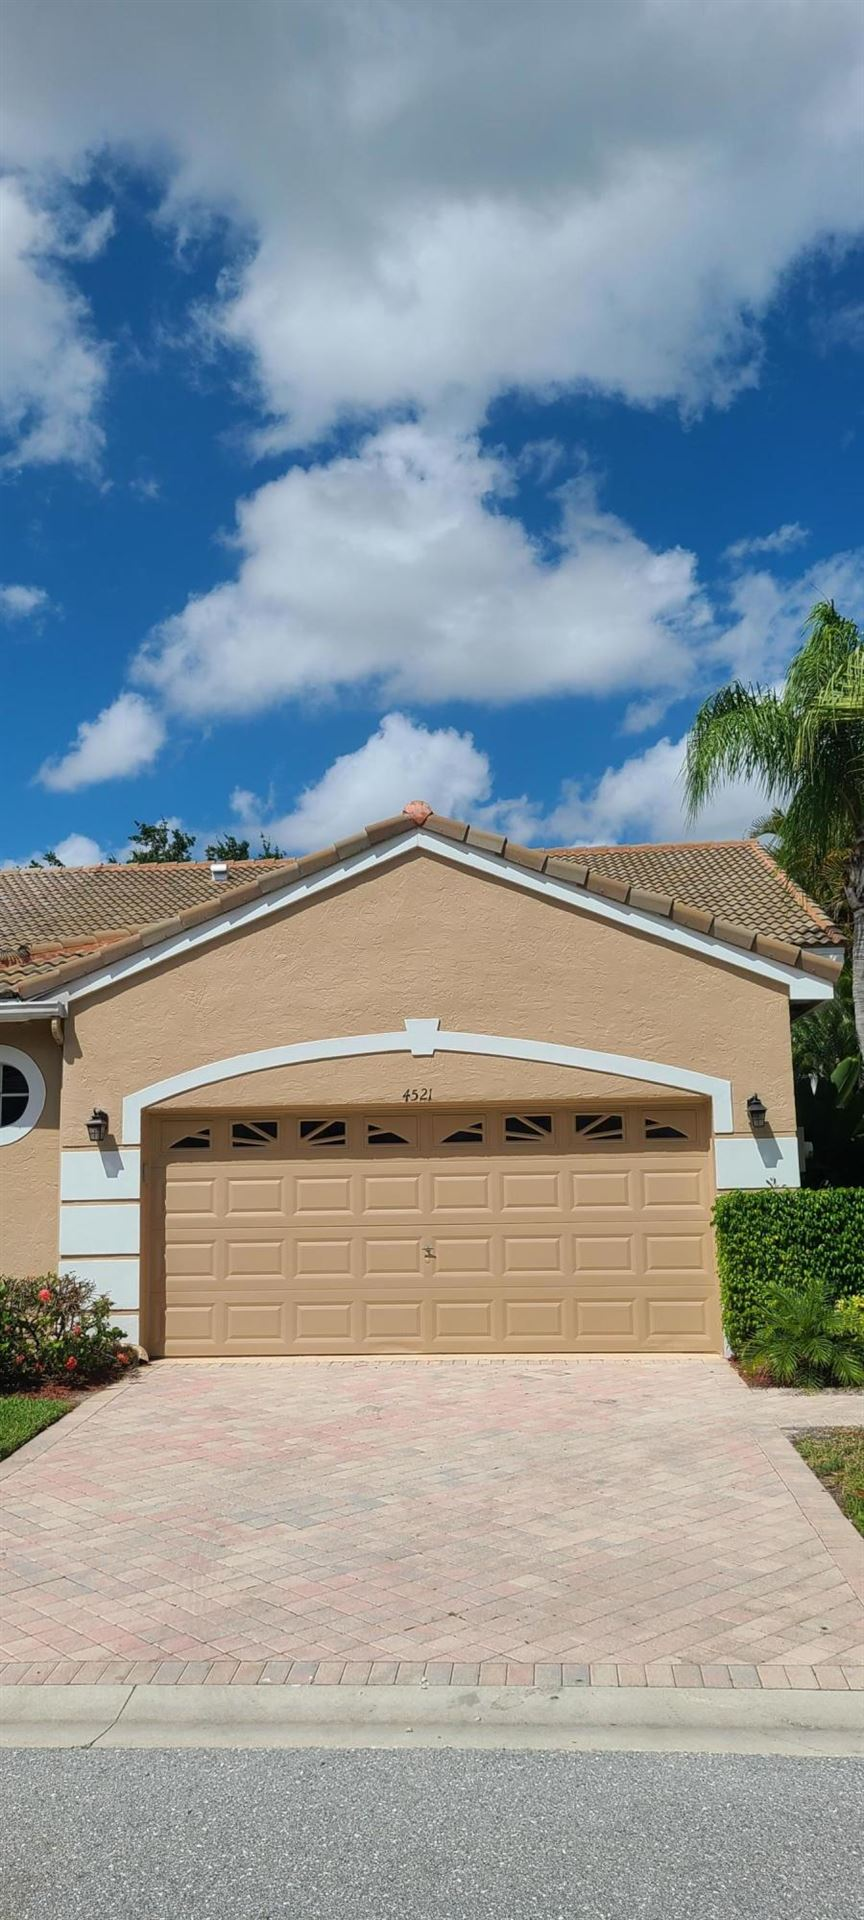 4521 Carlton Golf Drive, Lake Worth, FL 33449 - MLS#: RX-10723126